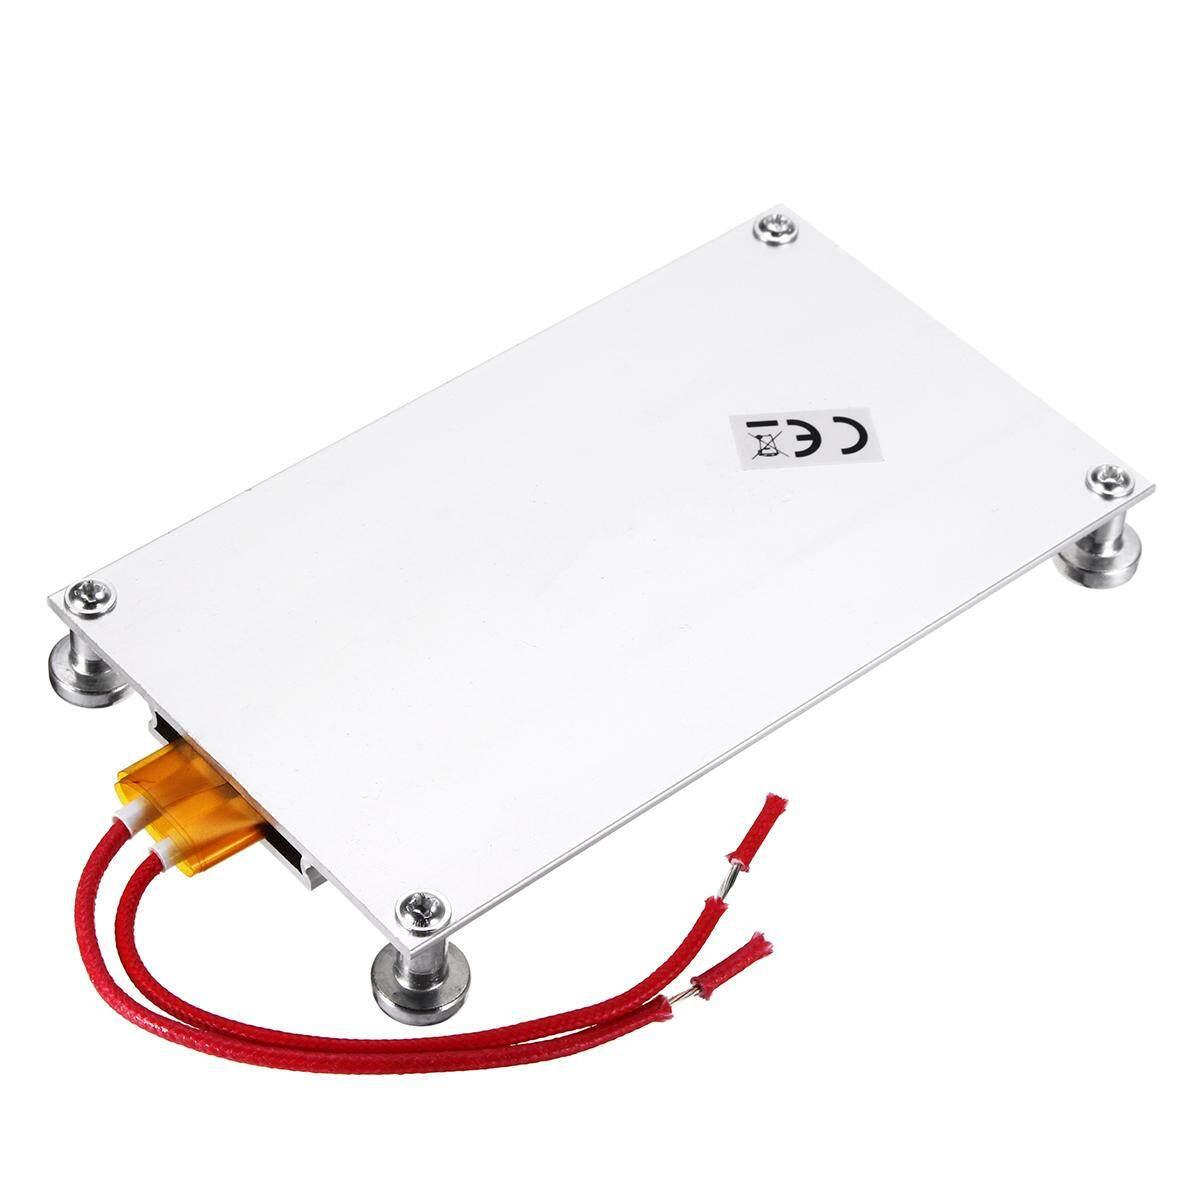 LED Remover PTC Heating Soldering Chip Remove Welding BGA Station Split Plate - intl